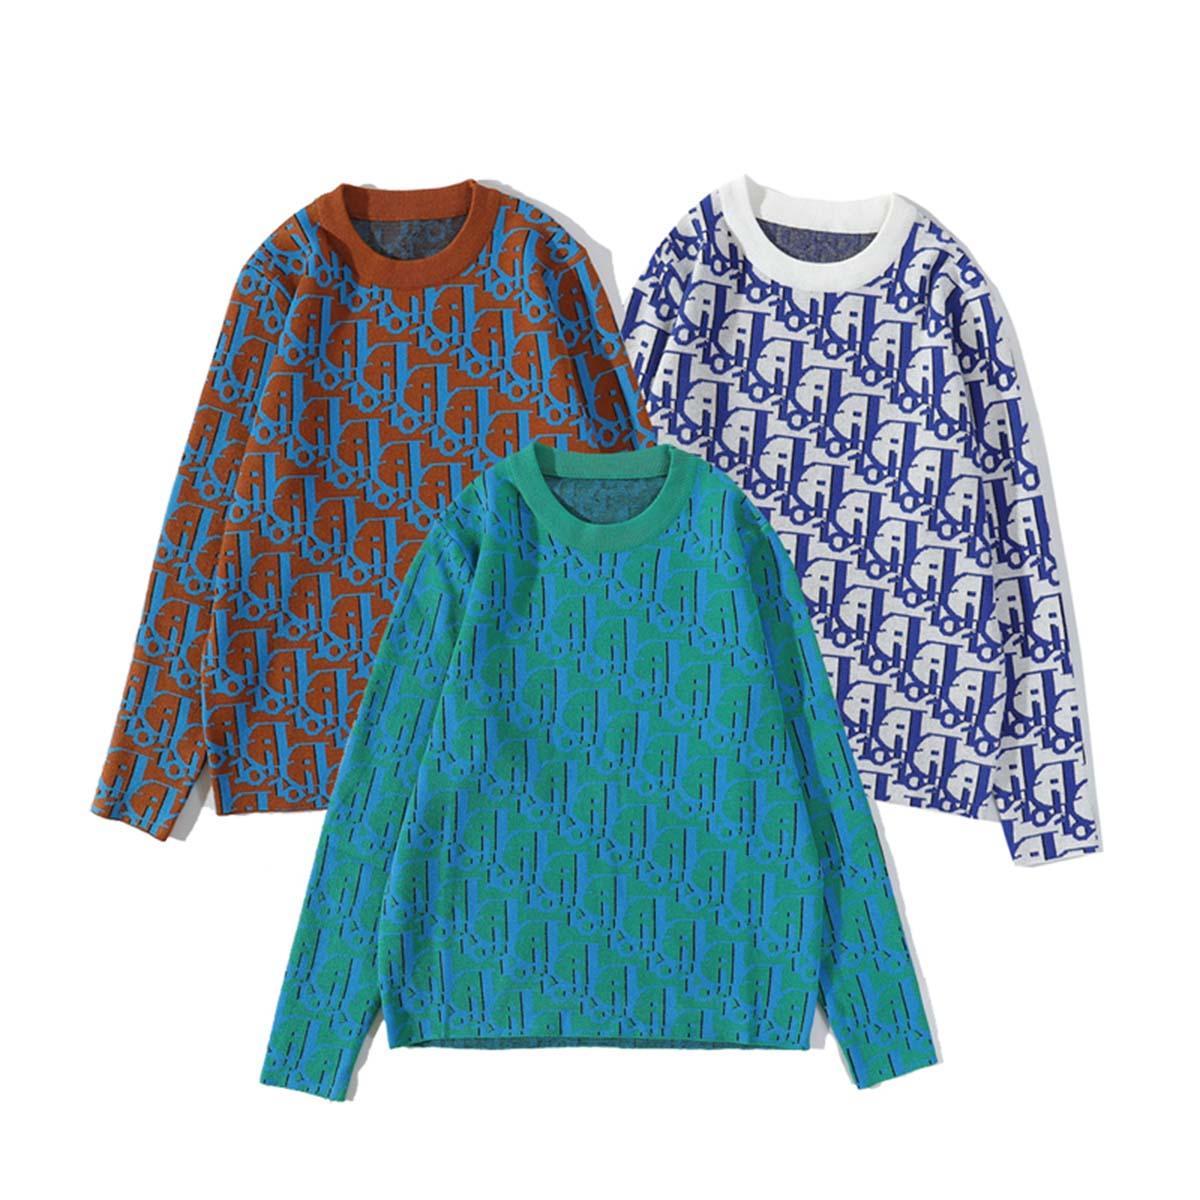 2020 nuevo algodón de alta gama sudaderas impresas sudaderas sudaderas con capucha de los hombres de las mujeres de los hombres de manga corta de los hombres redondos del cuello # 666